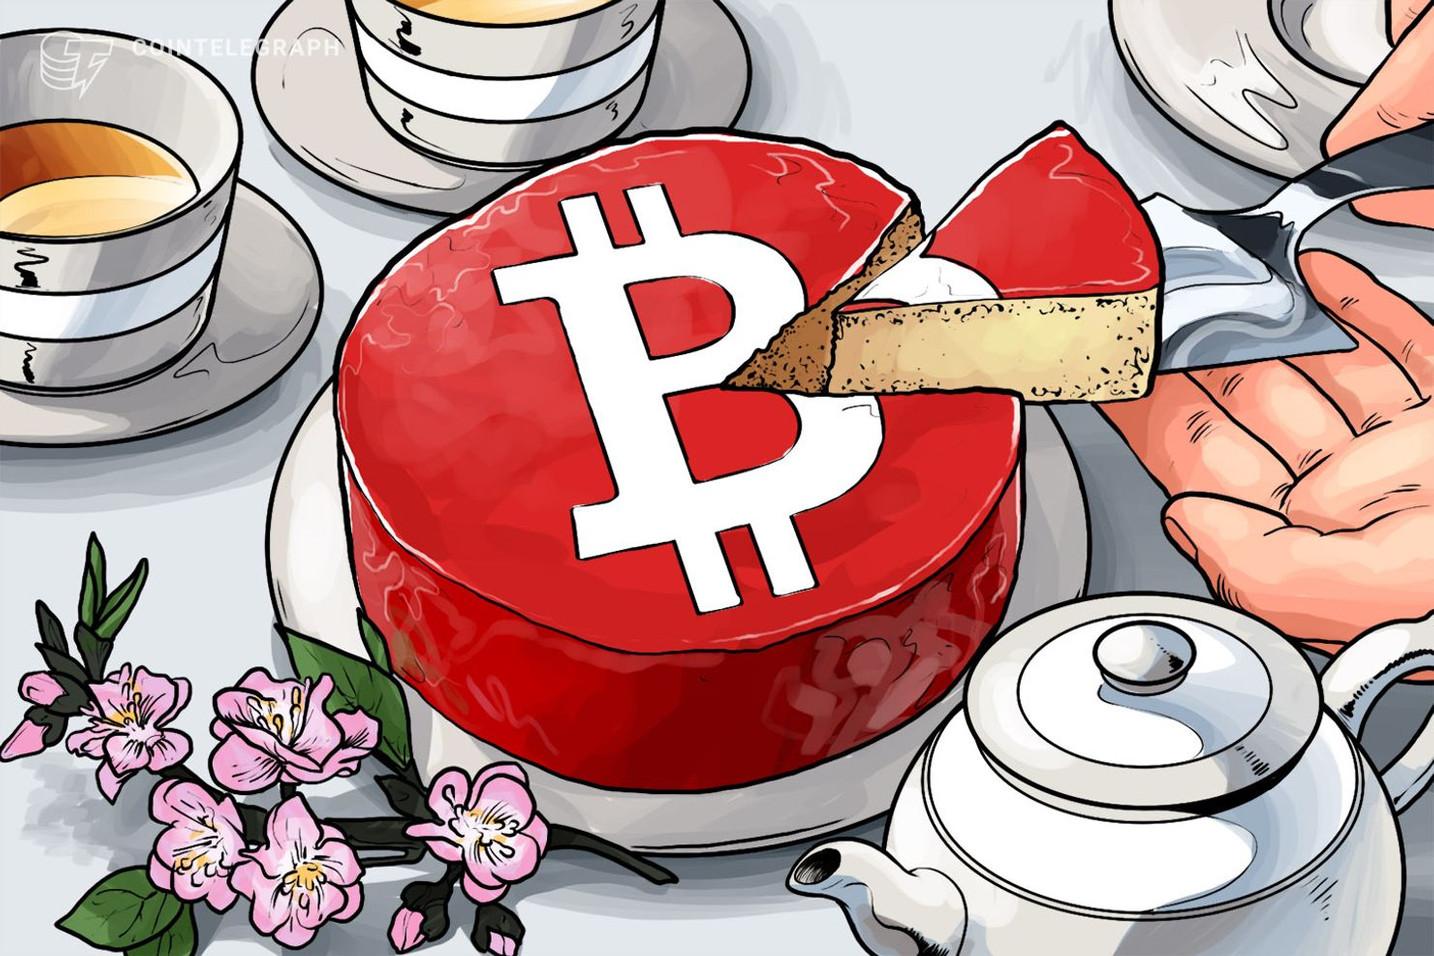 ビットフライヤーUSA、米国在住トレーダーにビットコインと日本円ペアの提供開始